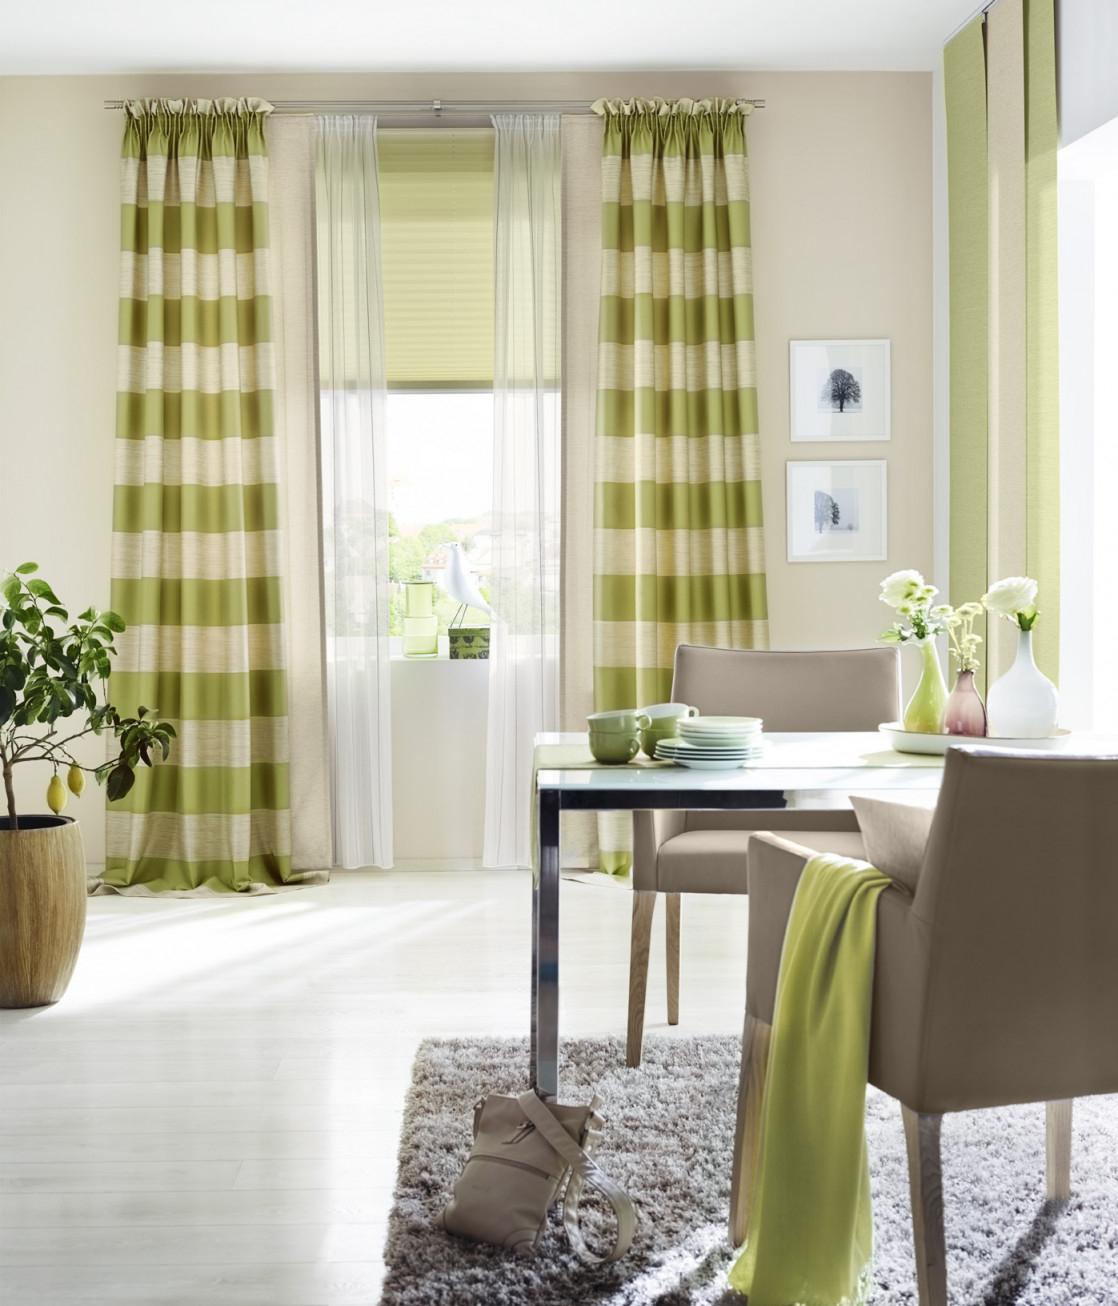 Gardinen Ideen Wohnzimmer Kleine Fenster – Caseconrad von Wohnzimmer Gardinen Mediterran Bild